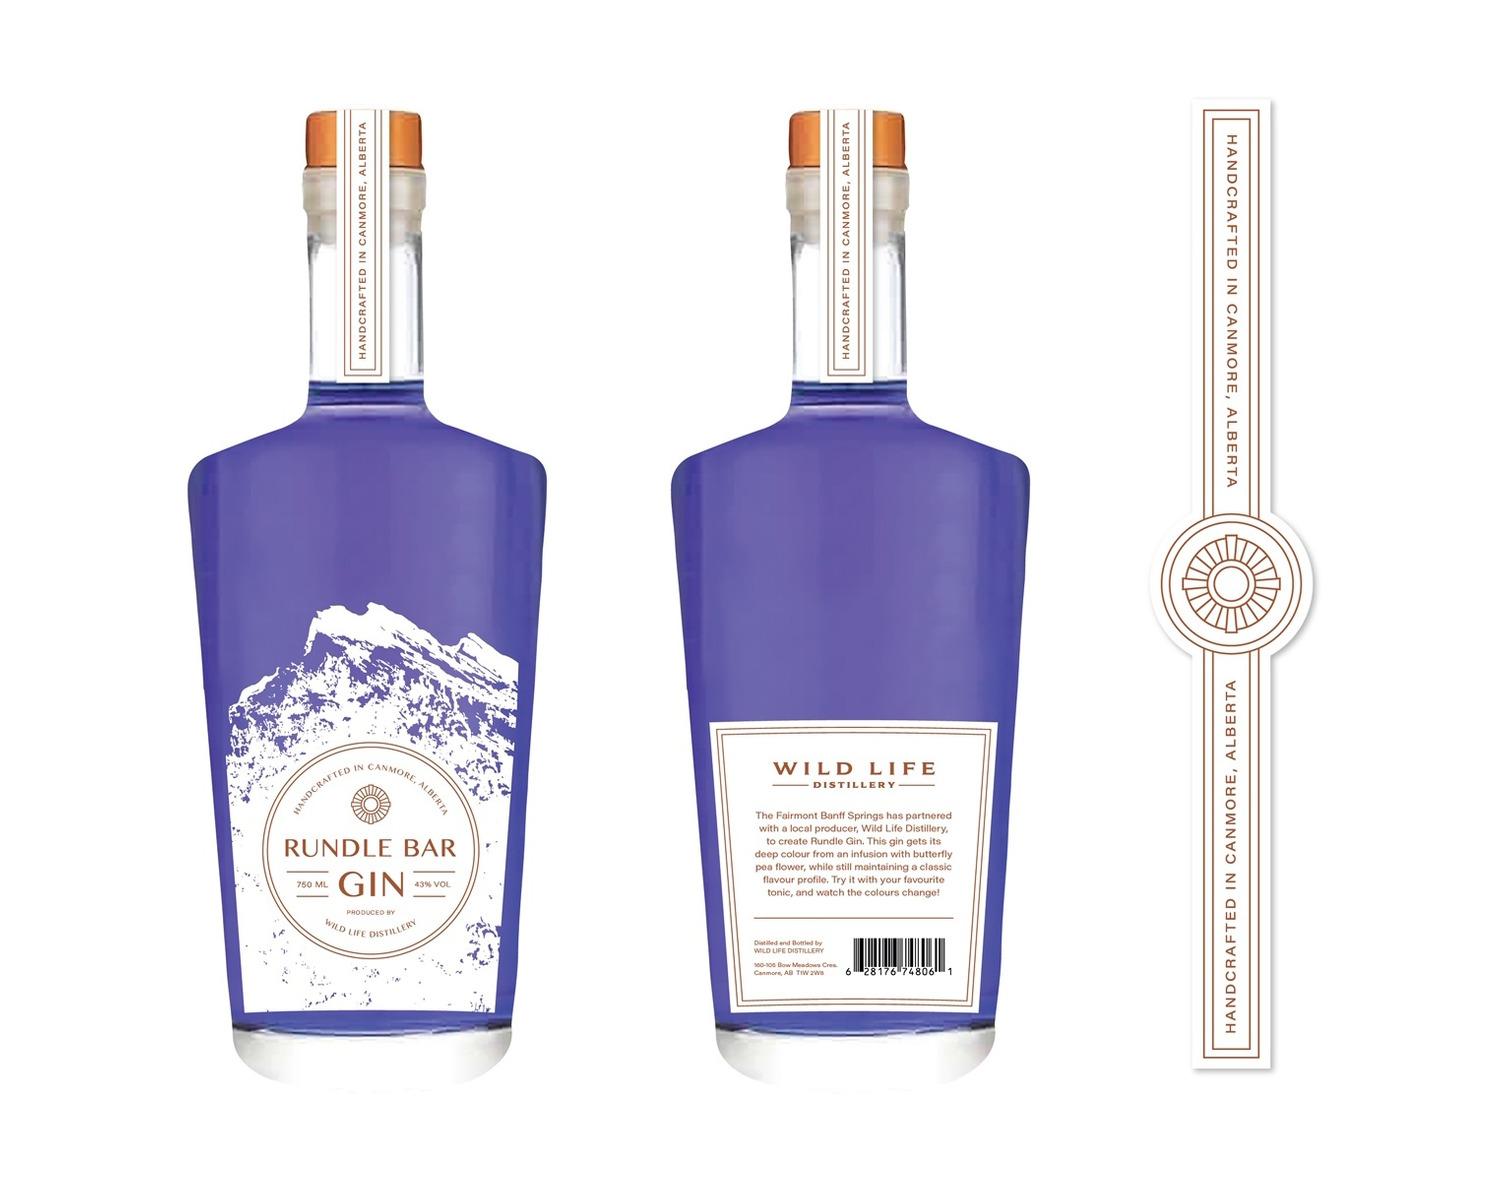 Rundle Bar Gin.jpg